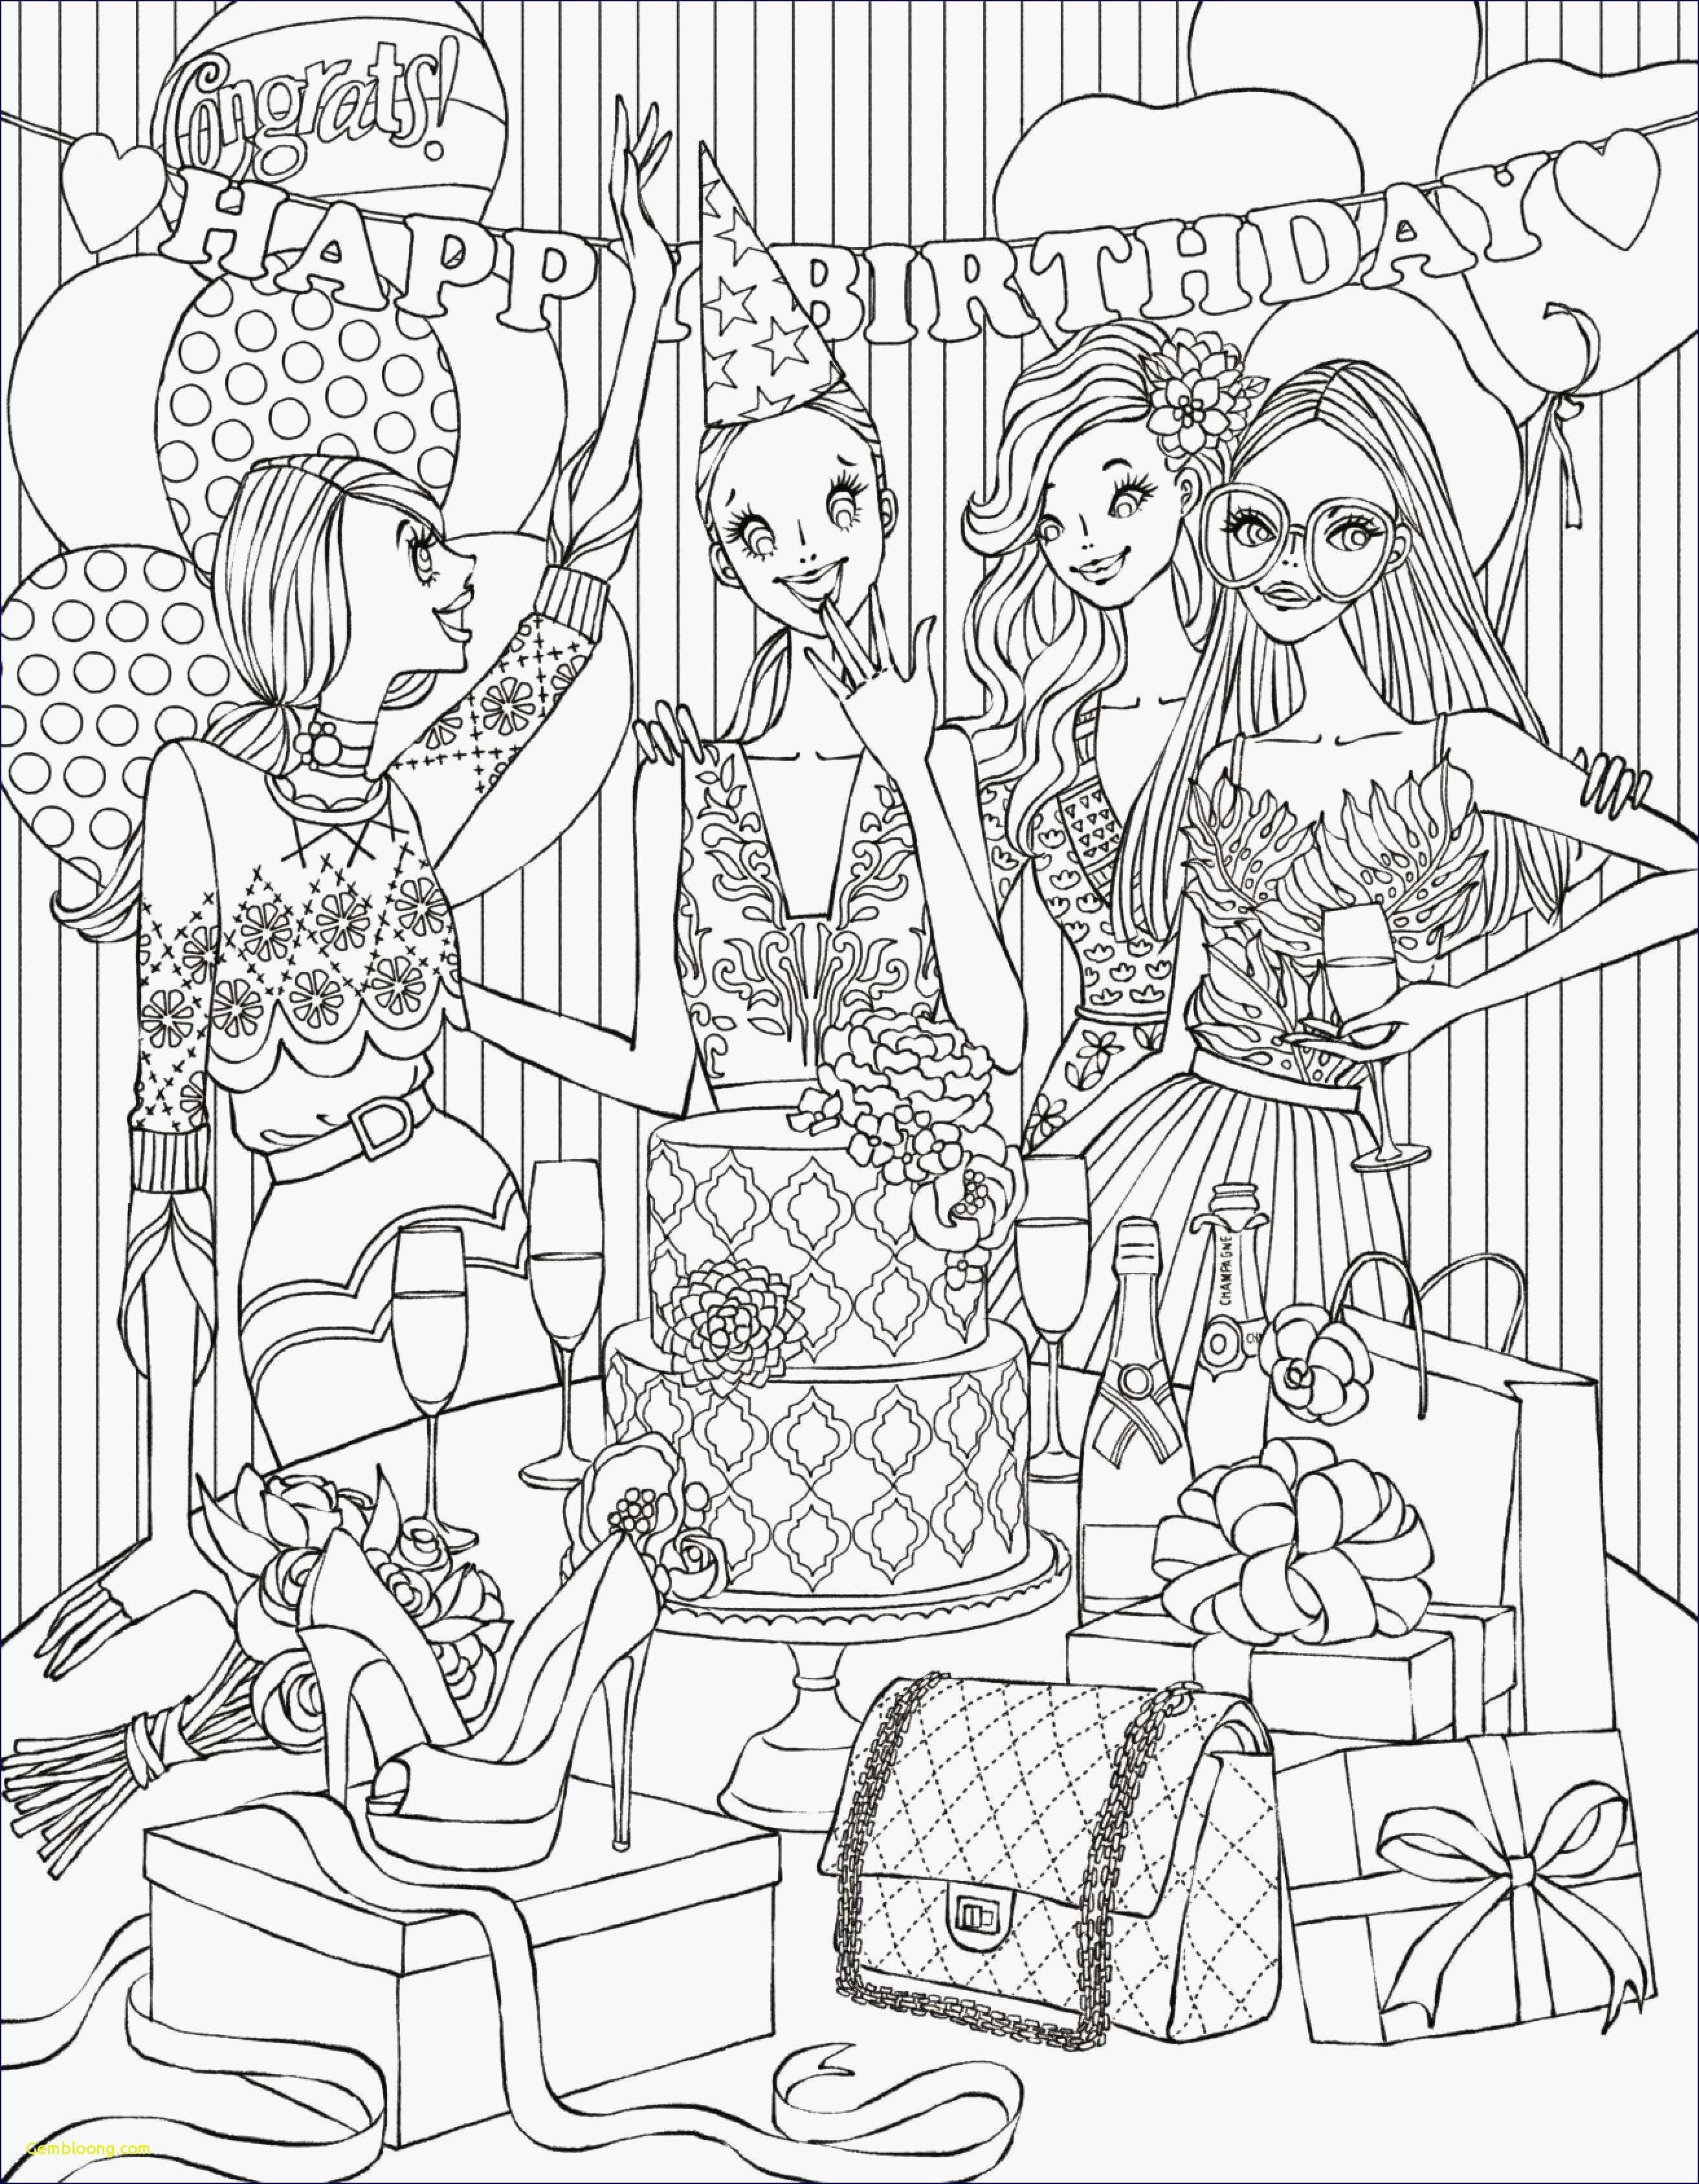 Anna Und Elsa Ausmalen Neu 40 Frozen Ausmalbilder Anna Scoredatscore Luxus Frozen Elsa Stock